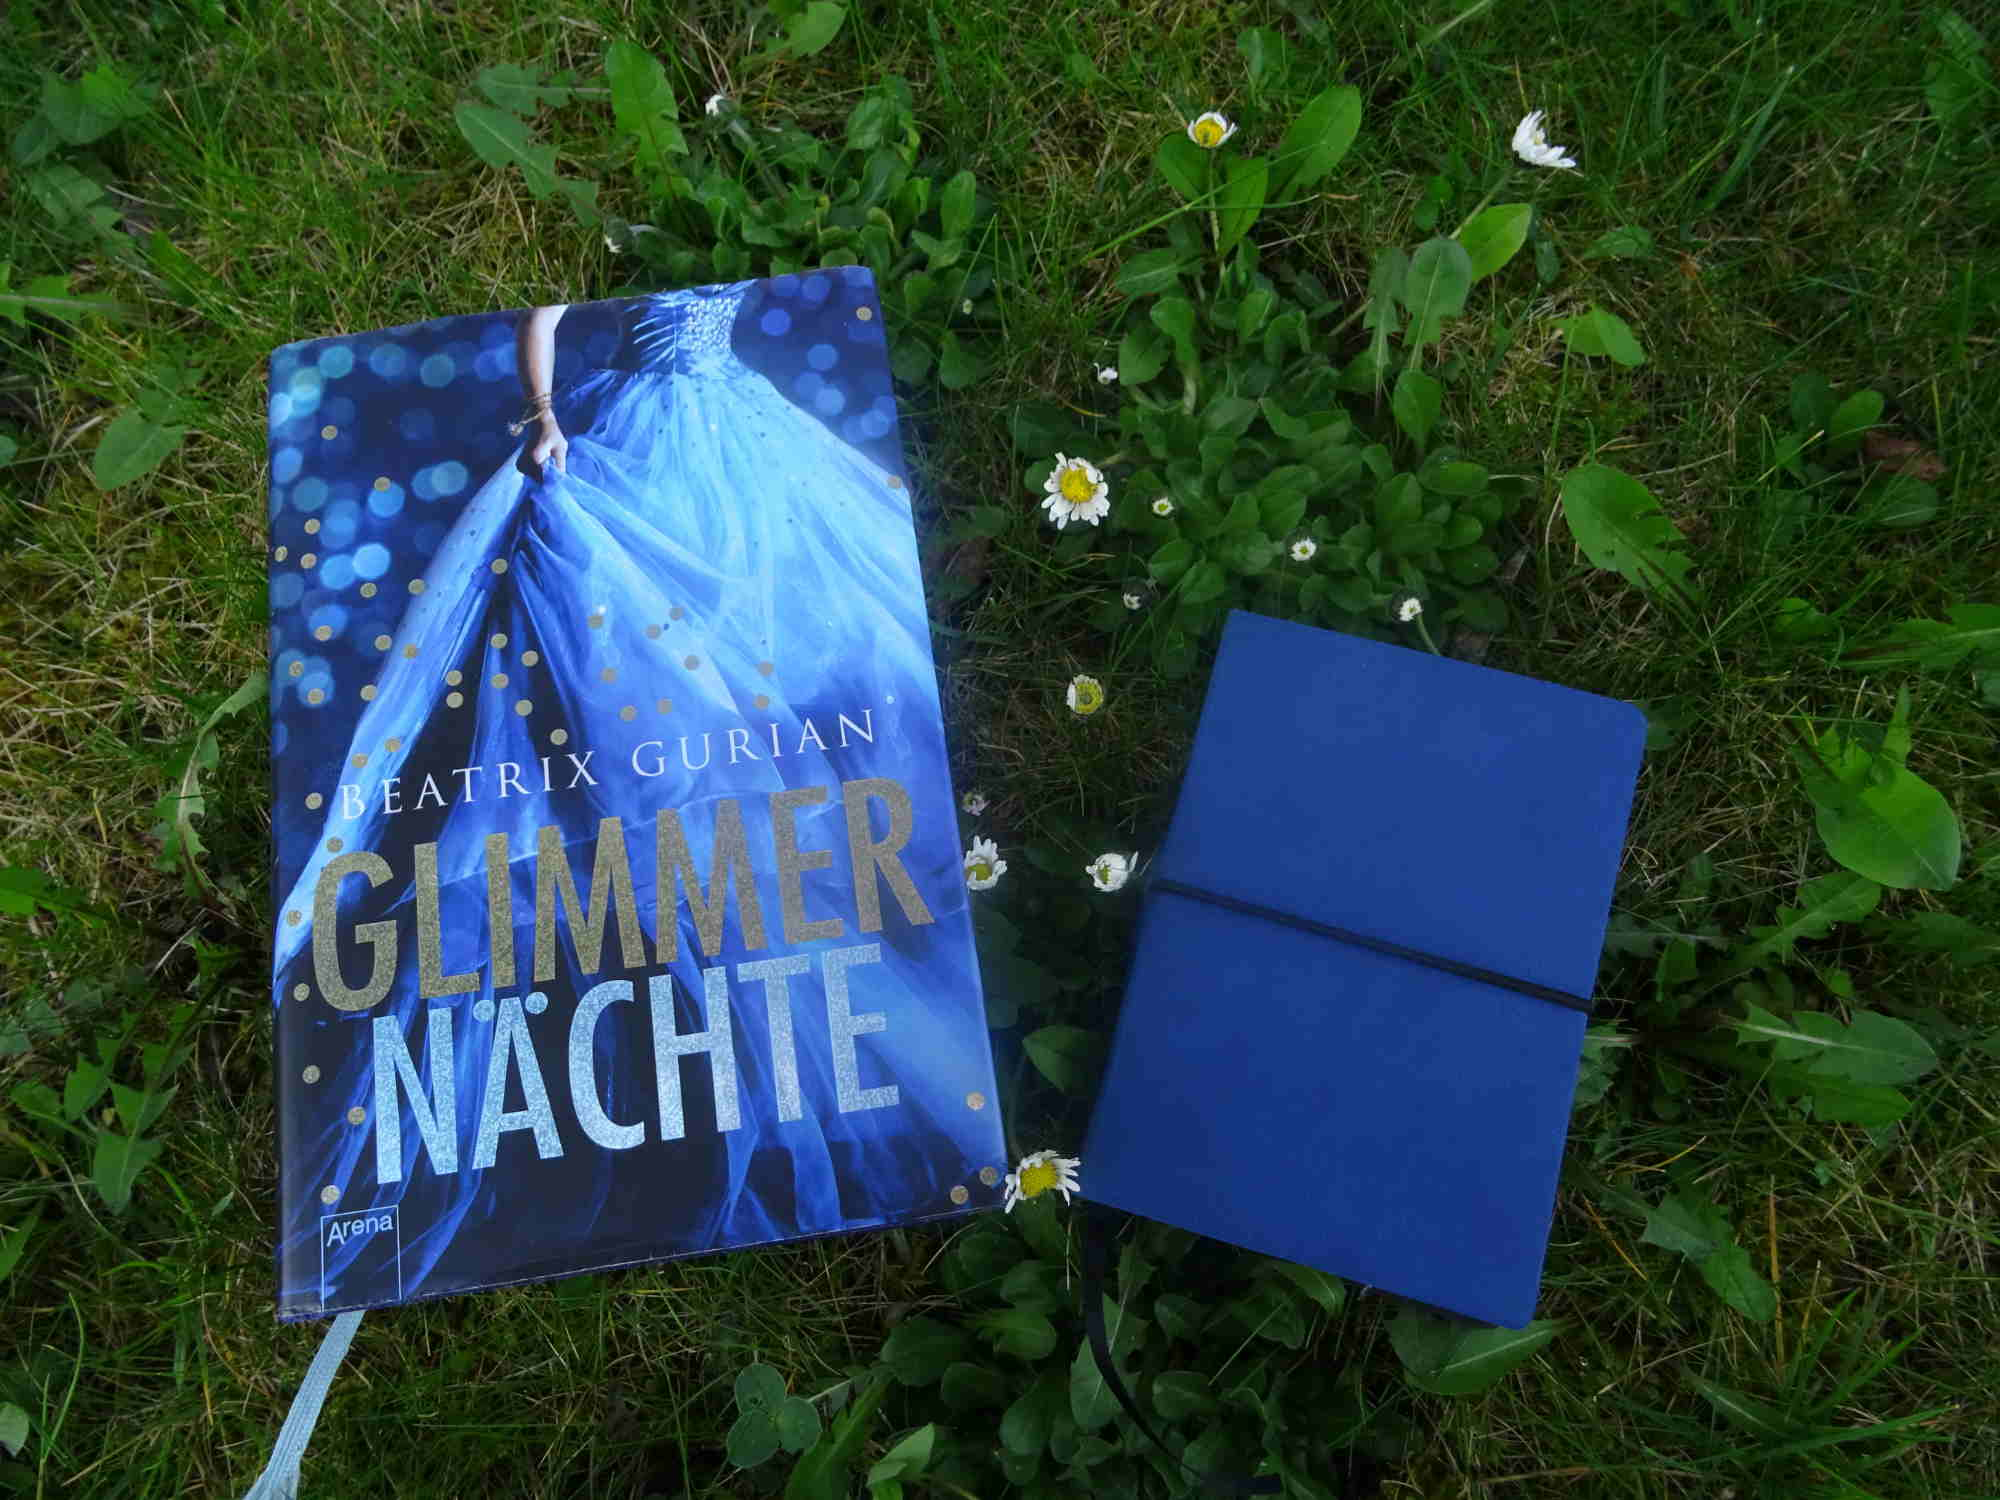 KometsWanderbuch 1: Glimmernächte - Beatrix Gurian